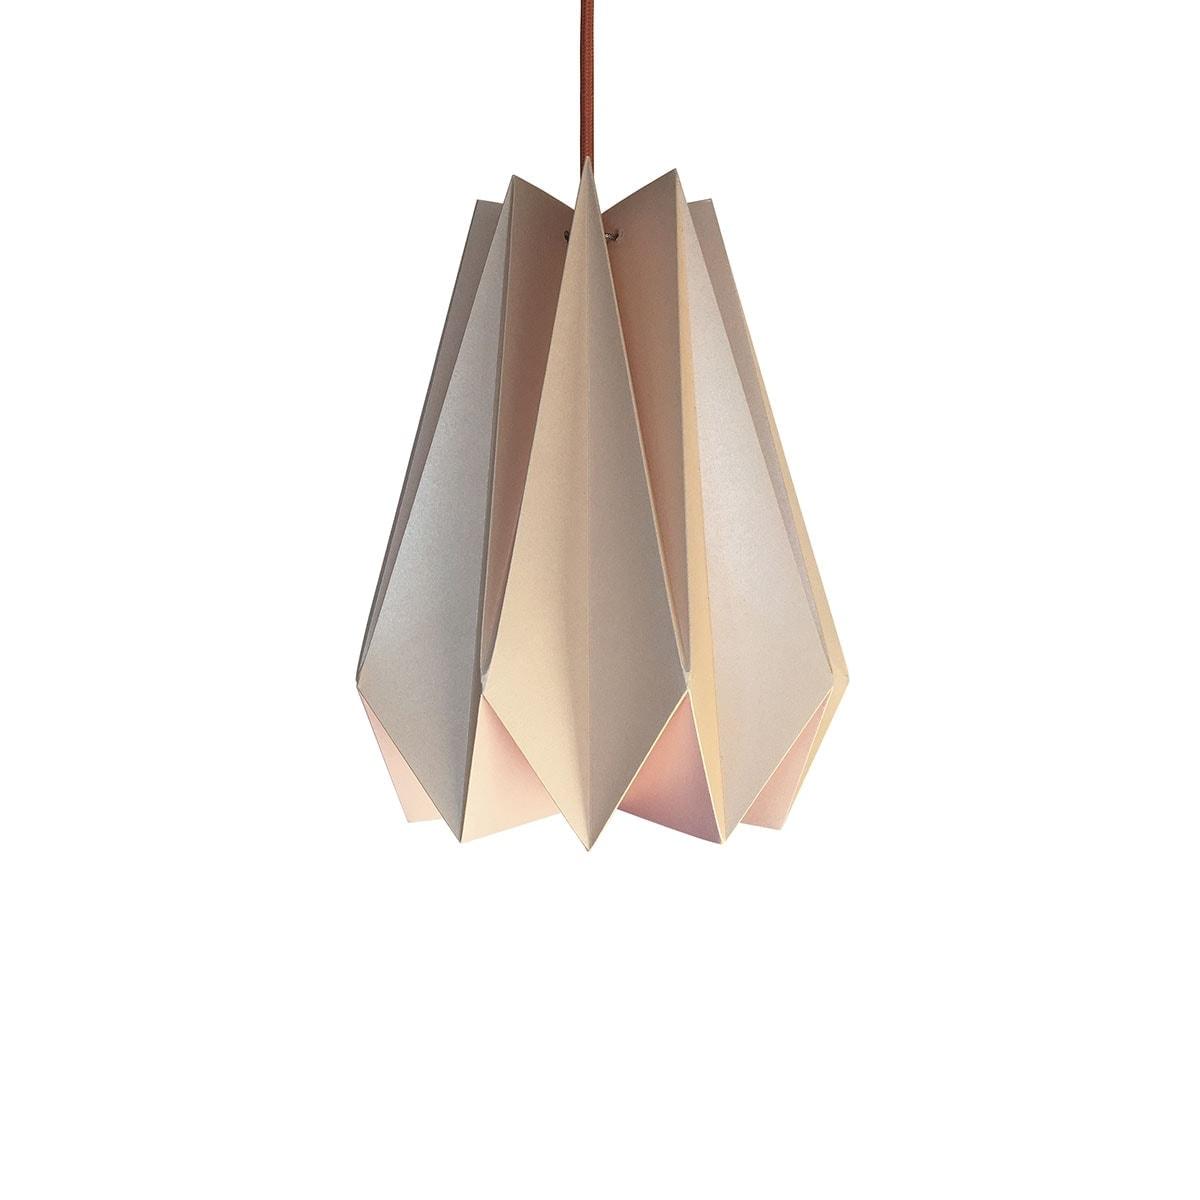 luminária pendente de papel Iluminoo - modelo Pinho (30) - Nude 2